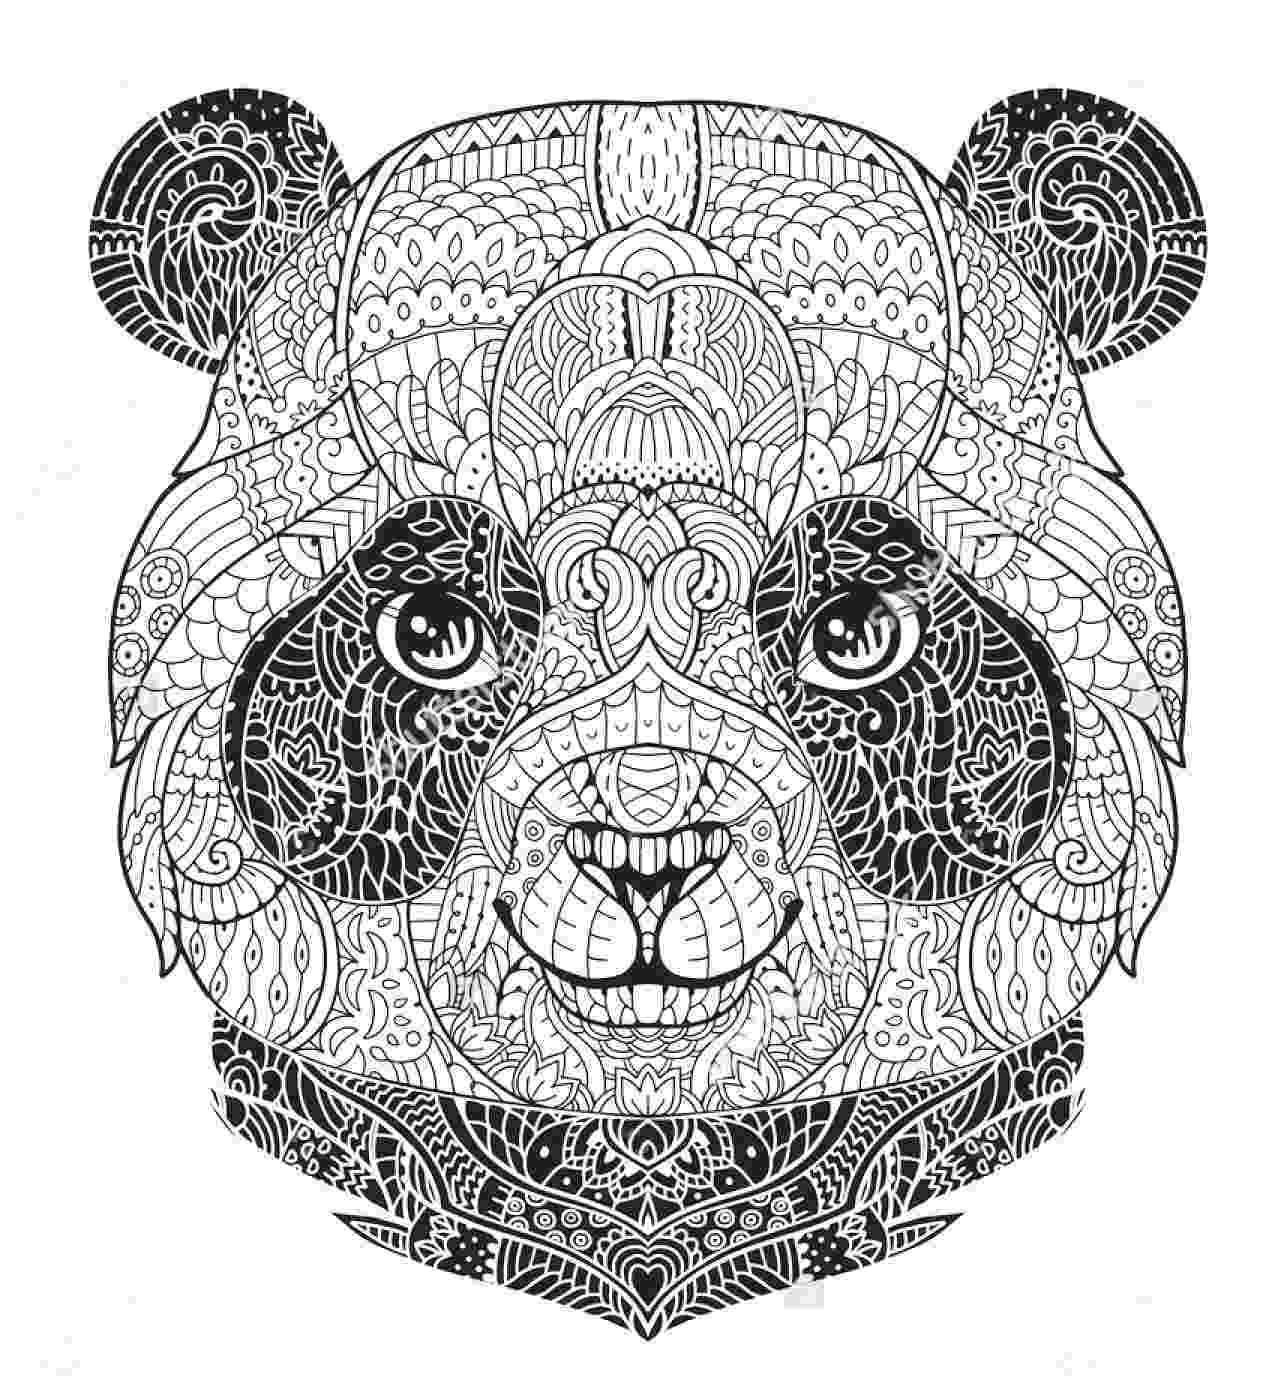 panda coloring sheets panda coloring pages best coloring pages for kids sheets panda coloring